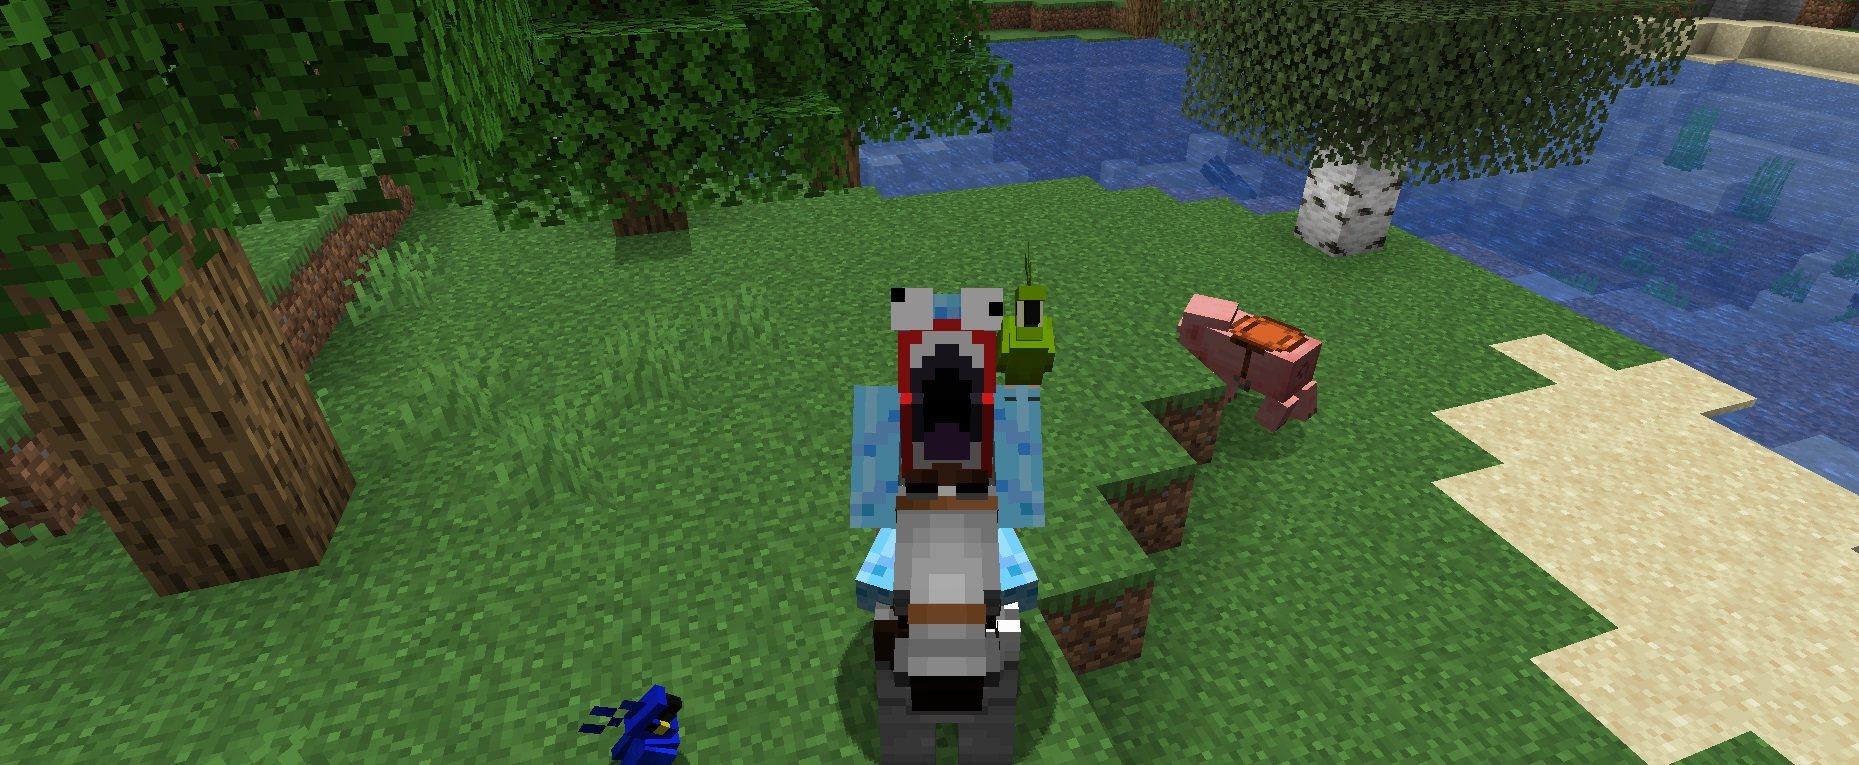 papuga na ramieniu podczas jazdy na koniu minecraft